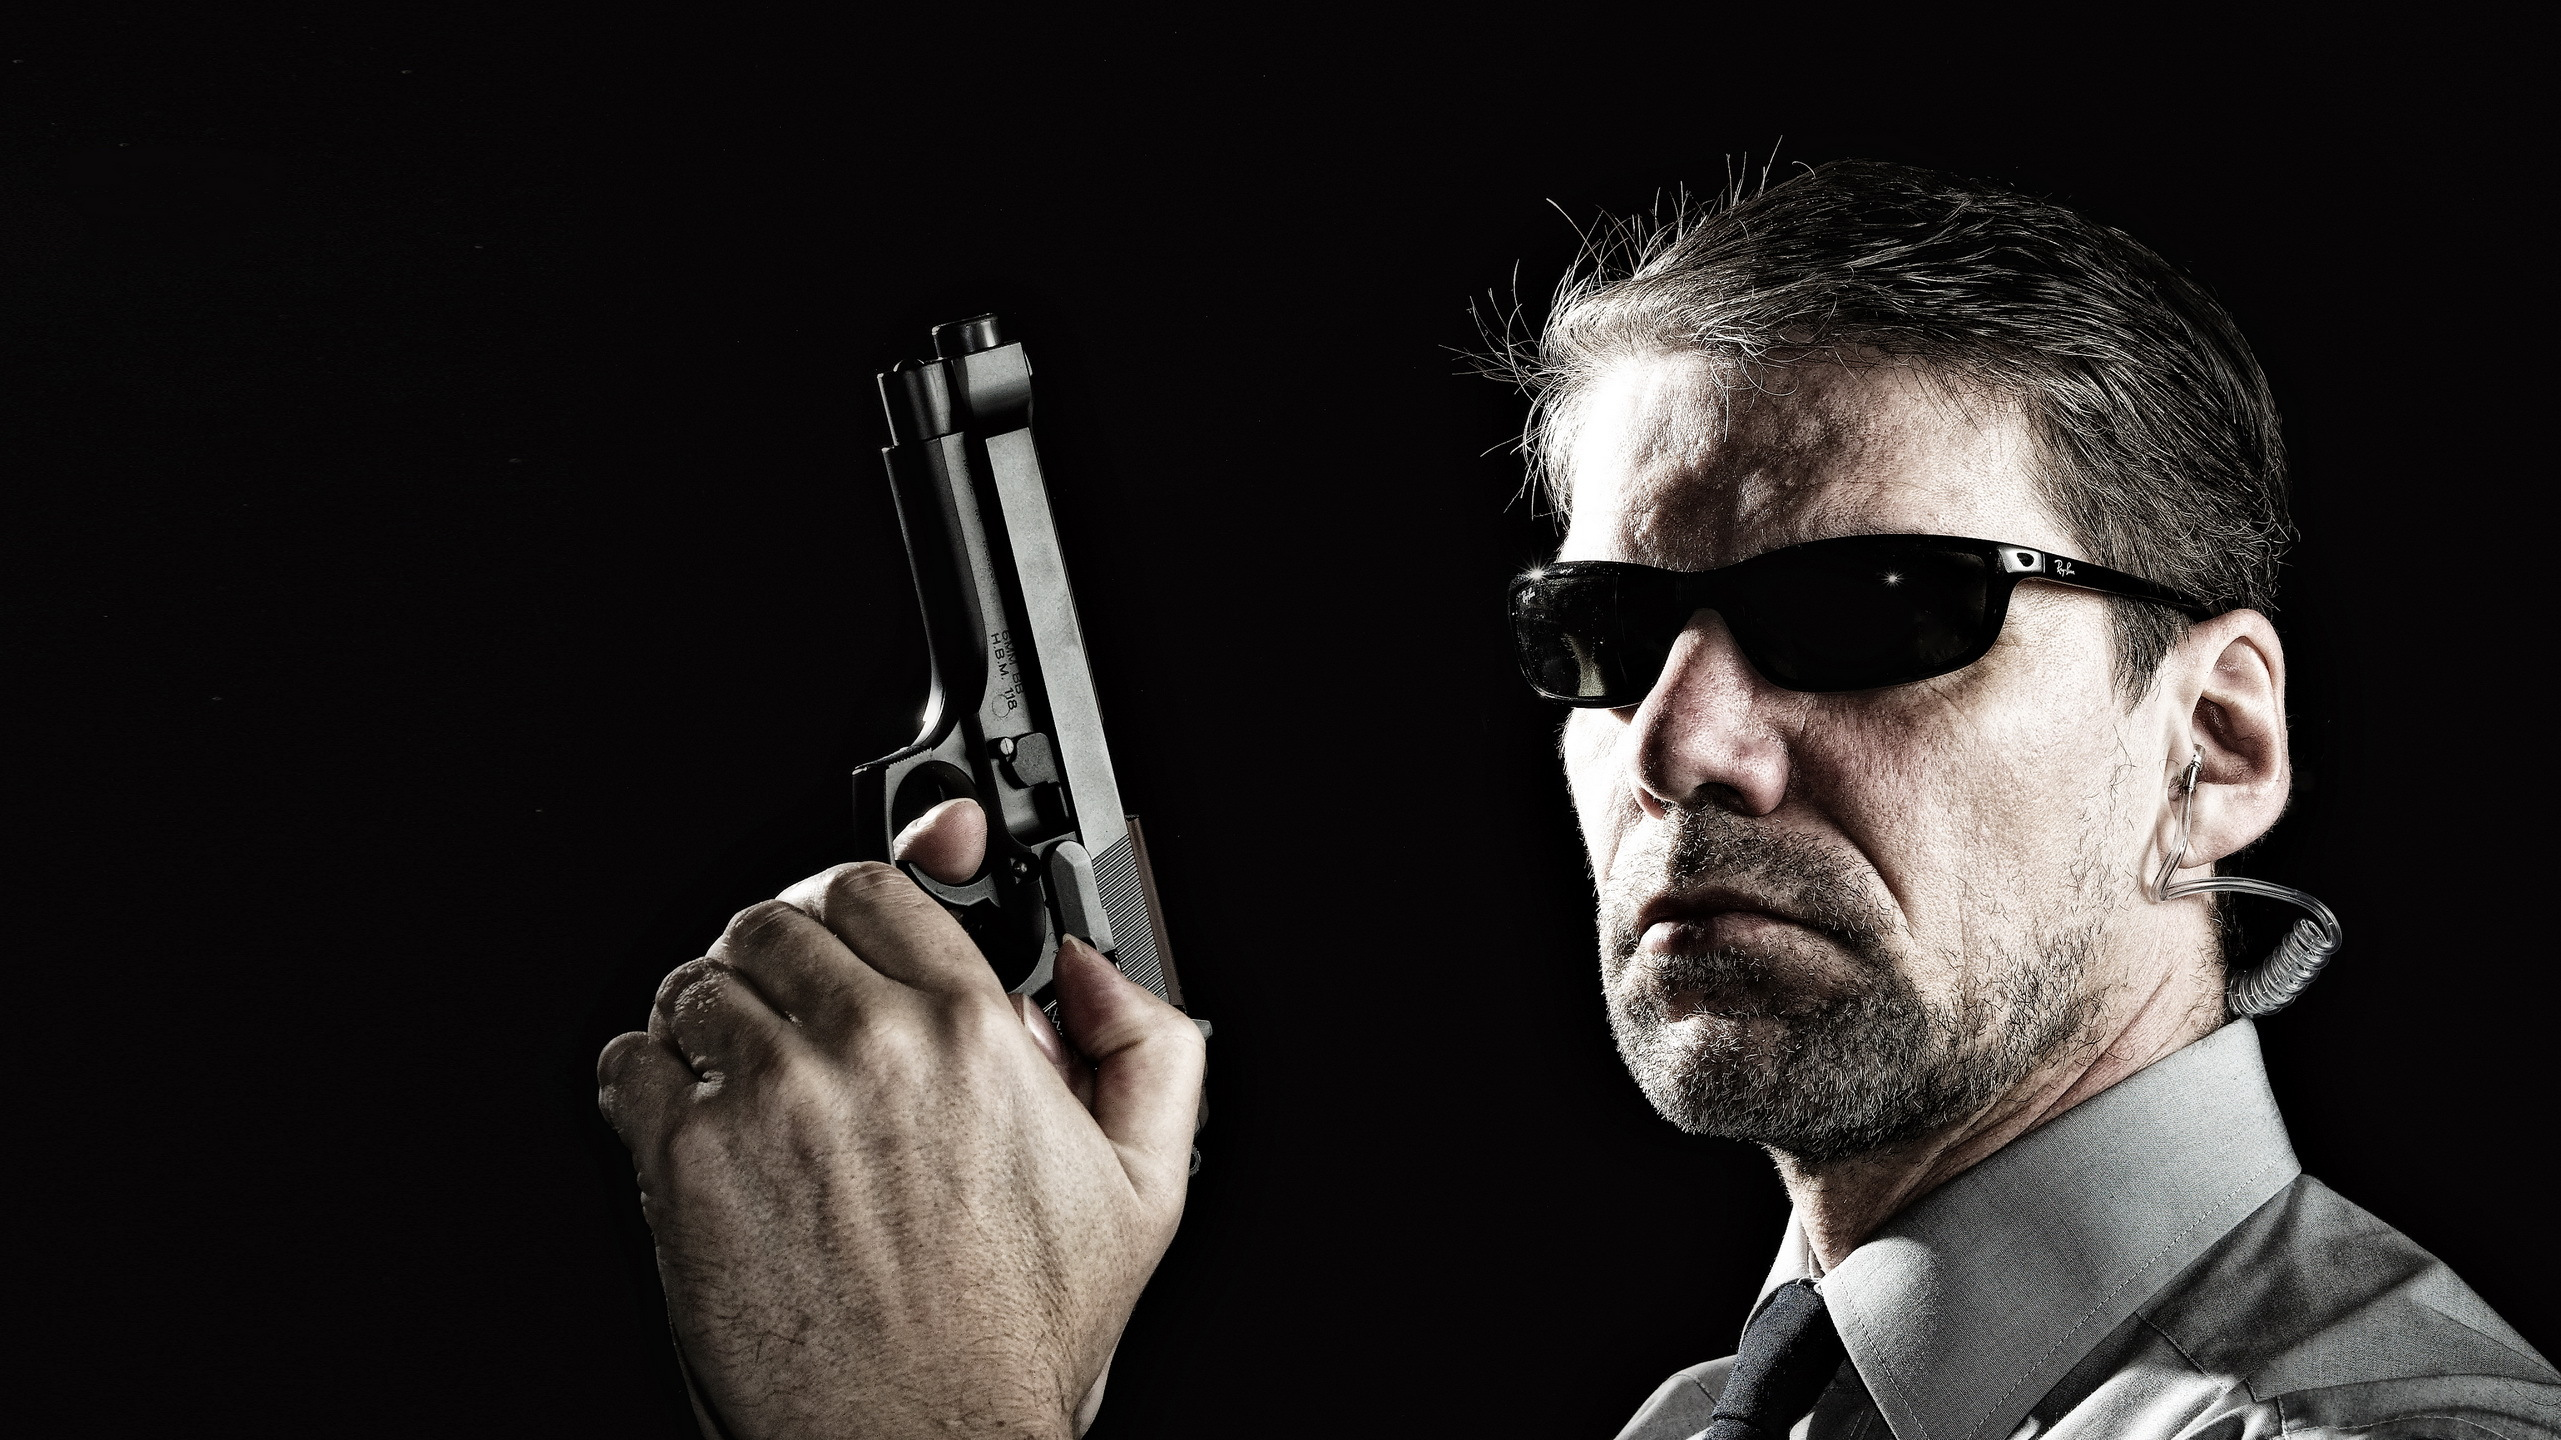 Матрица пистолет  № 3906274 без смс